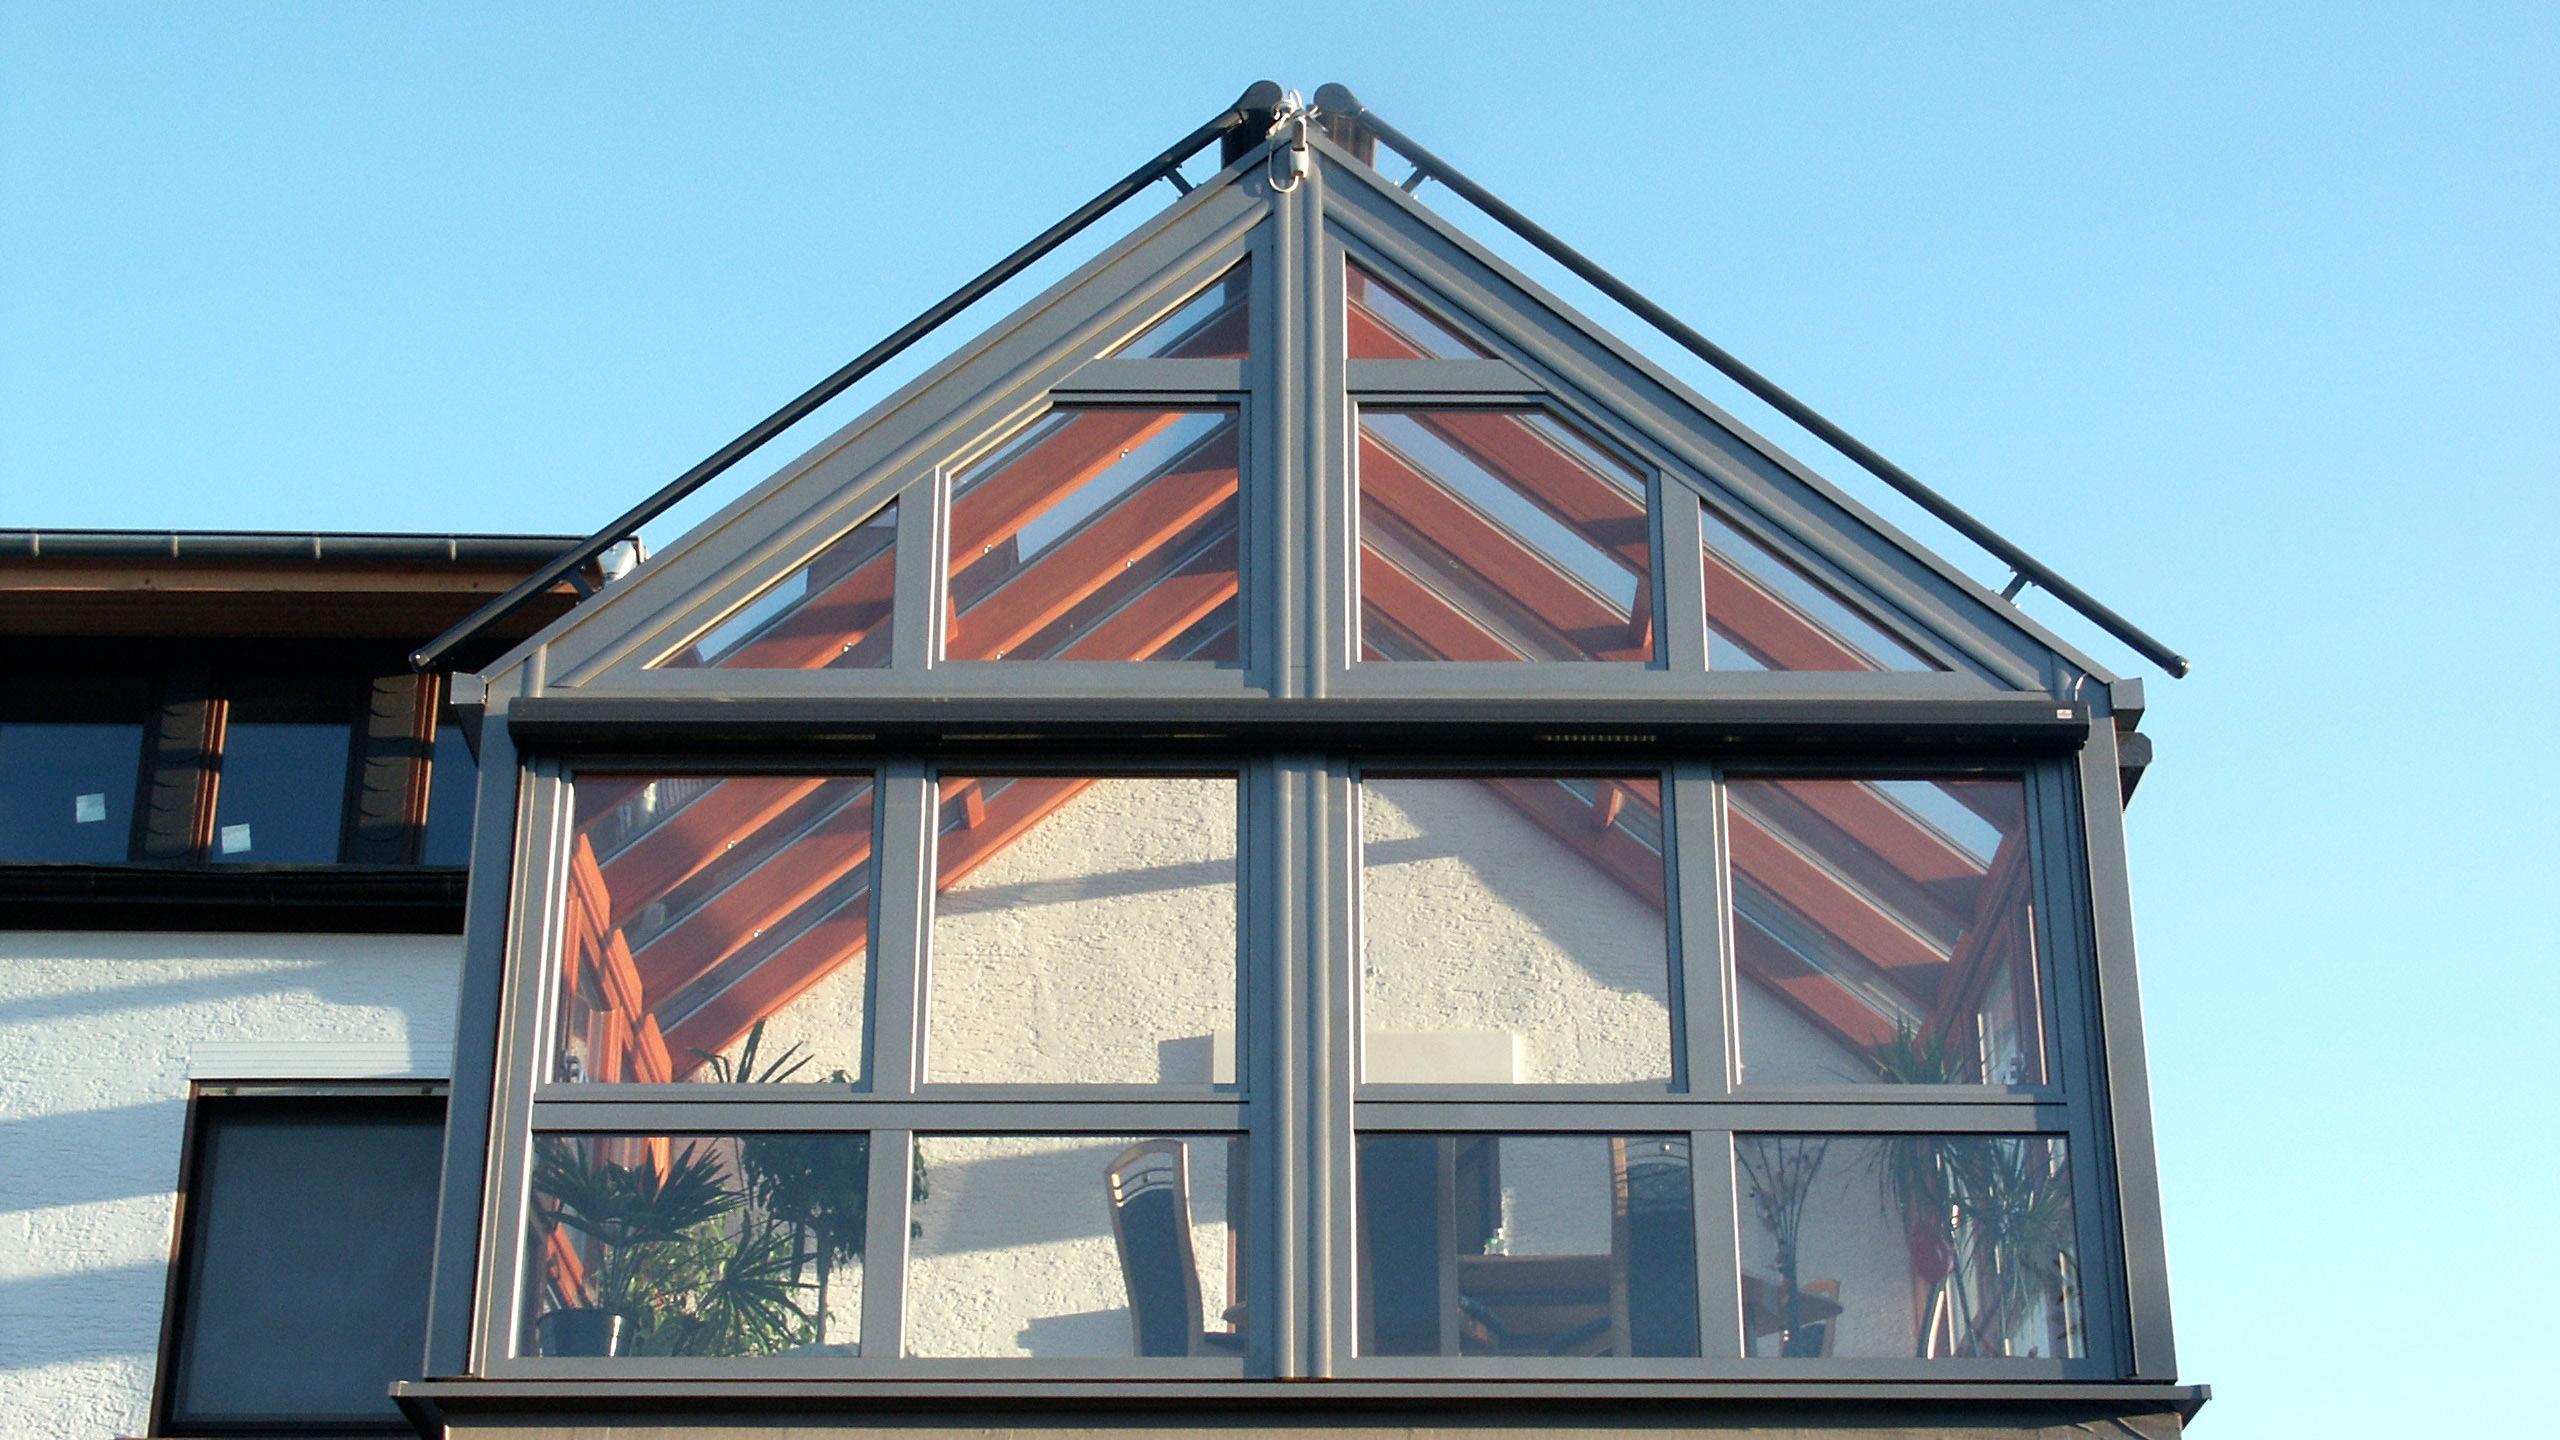 Wintergarten glashaus - Glashaus wintergarten ...